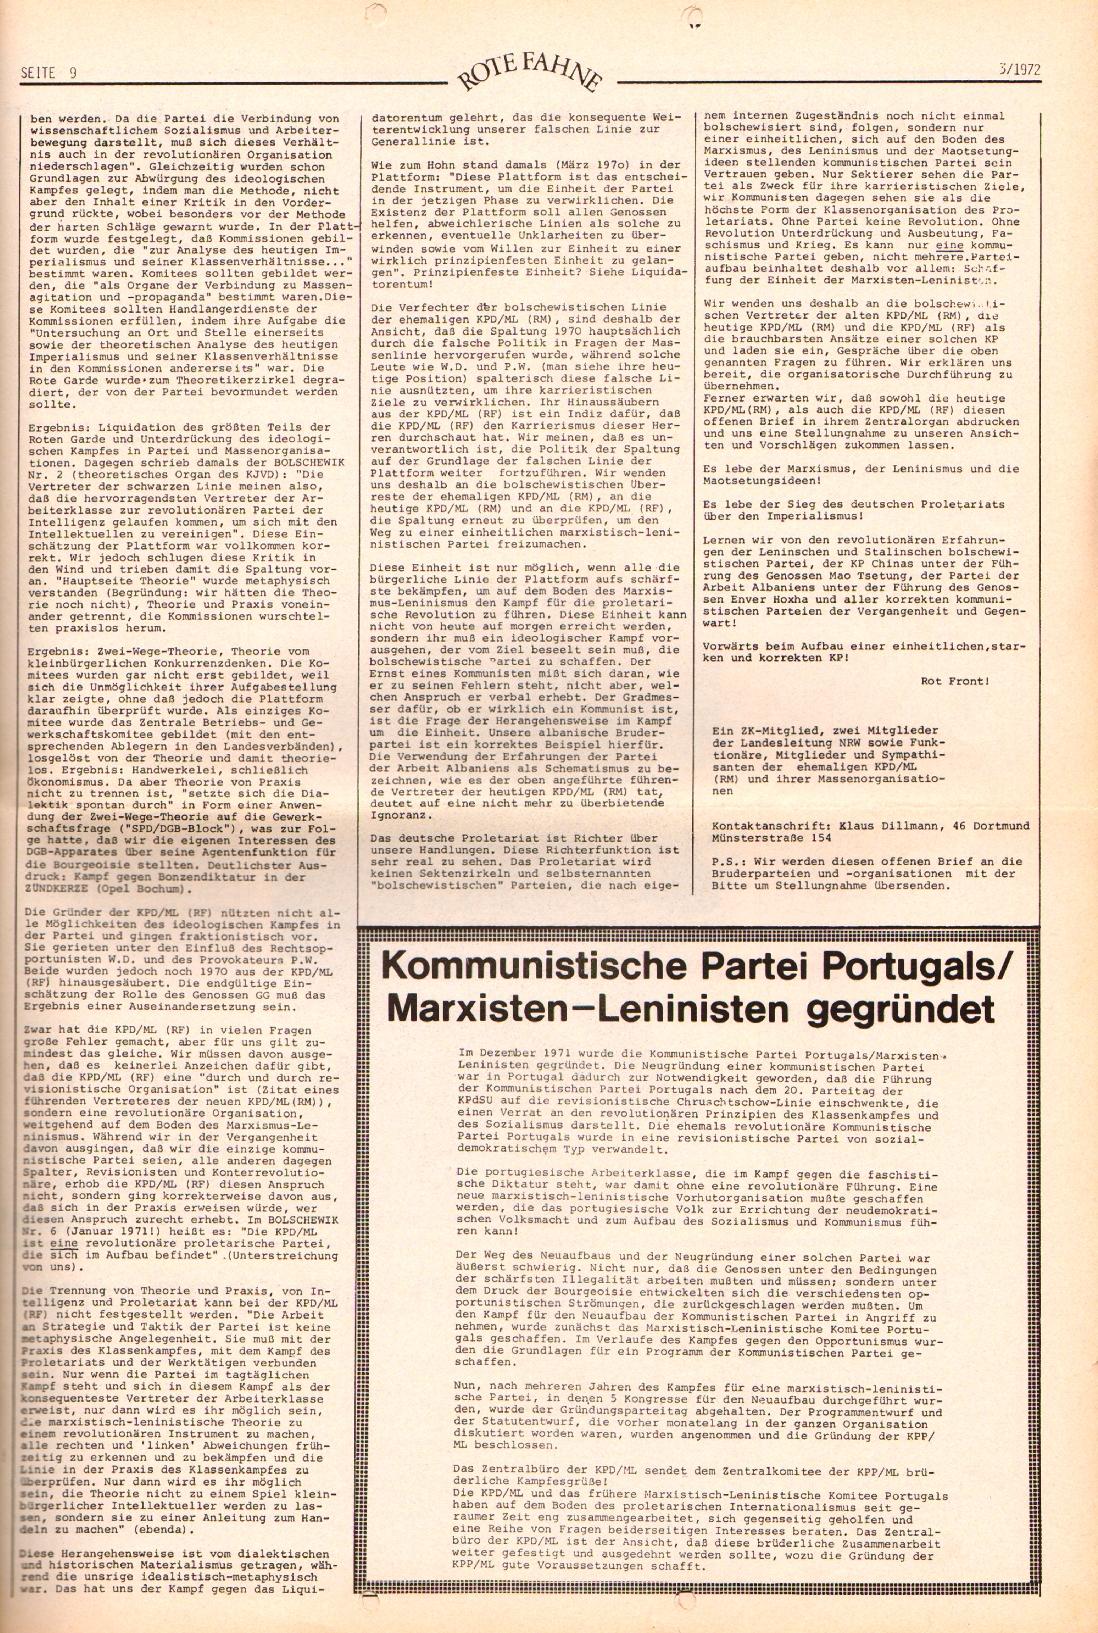 Rote Fahne, 3. Jg., 7.2.1972, Nr. 3, Seite 9